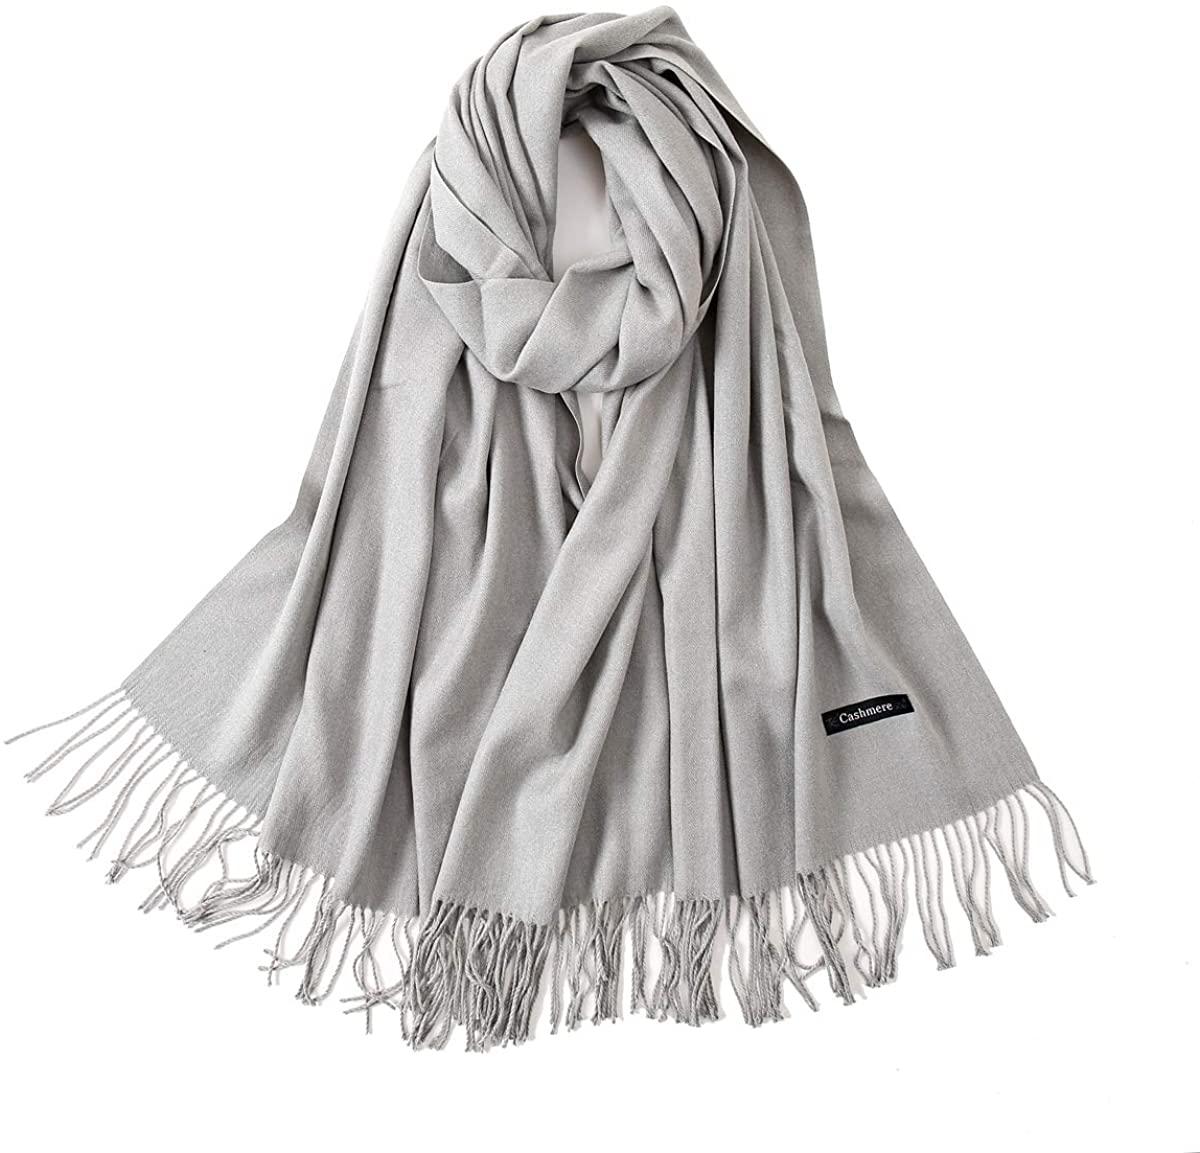 YANXI Cashmere Scarf ShawlSuper Soft Stylish Large Warm Blanket Shawls Wraps Light Scarf Wedding Pashmina(13 Colors)